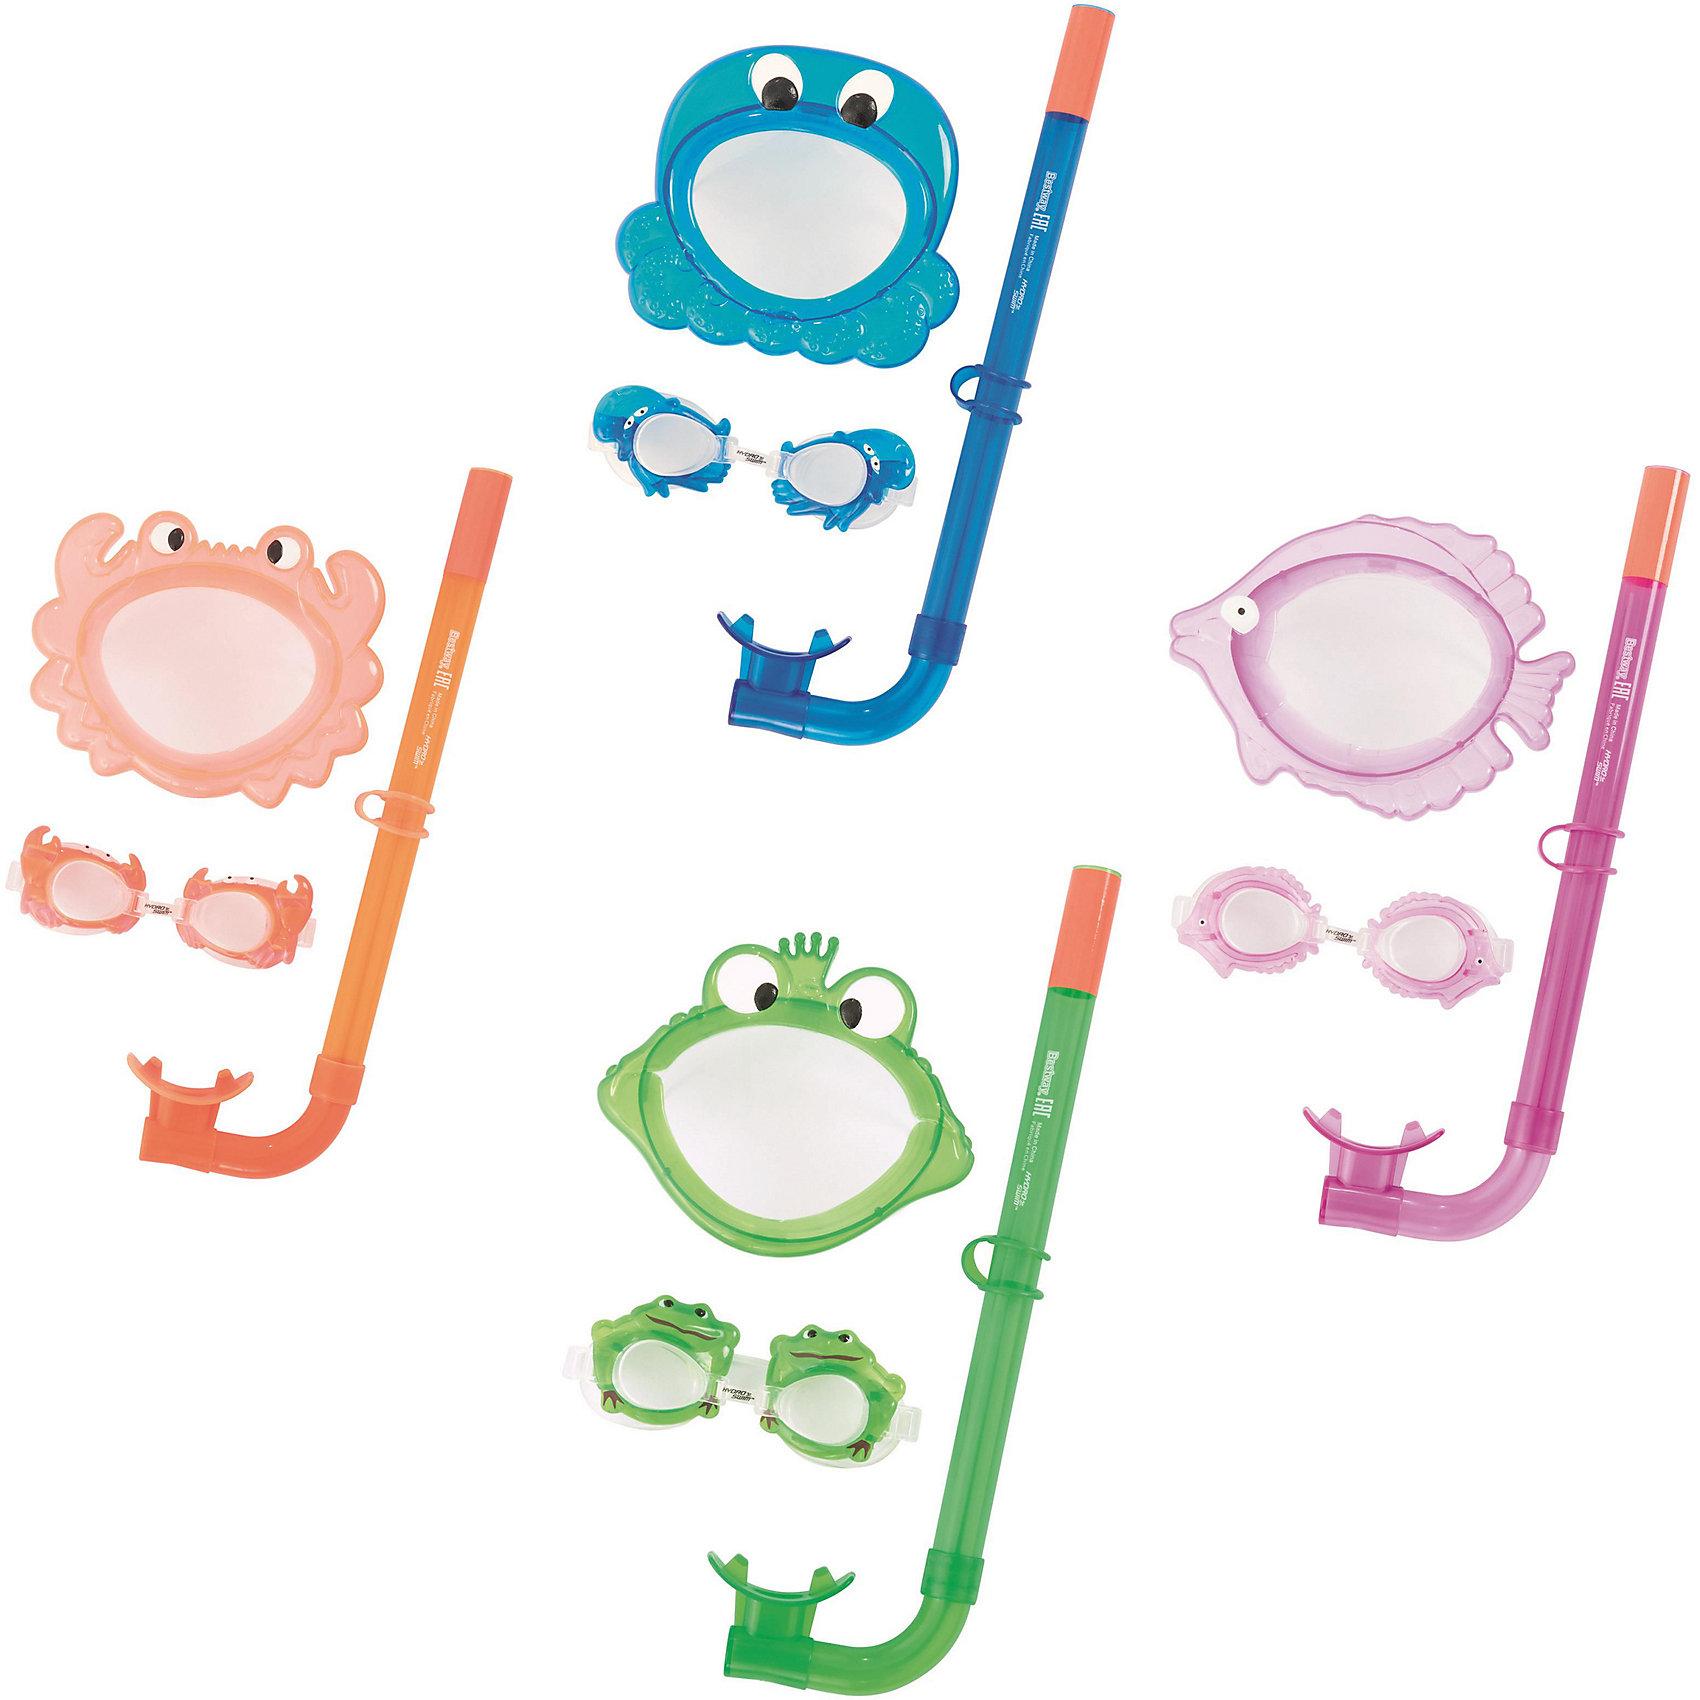 Набор для ныряния детский, морские животные, в ассортименте, BestwayДетский набор для ныряния, Bestway - отличный вариант для активного отдыха и увлекательных исследований подводного мира. В комплект входят маска для ныряния, очки для плавания и трубка. Все предметы выполнены в одной цветовой гаме. Маска и очки имеют оригинальный дизайн в виде забавных морских обитателей, оснащены линзами из поликарбоната с широким обзором без искажений, плотно прилегают к лицу и надёжно фиксируются регулируемым ремешком. Пластиковая трубка с мягким загубником и регулируемым фиксатором ремешка трубки позволяет оставаться под водой на протяжении длительного времени. В ассортименте 4 дизайна в виде морских животных. Подходит для детей от 3 лет.<br><br>Дополнительная информация:<br><br>- Материал: поликарбонат.<br>- Размер упаковки: 19 х 7 х 40 см.<br>- Вес: 0,371 кг.<br><br>Набор для ныряния детский, морские животные, в ассортименте, Bestway, можно купить в нашем интернет-магазине.<br><br>ВНИМАНИЕ! Данный артикул имеется в наличии в разных вариантах исполнения. Заранее выбрать определенный вариант нельзя. При заказе нескольких наборов возможно получение одинаковых.<br><br>Ширина мм: 2500<br>Глубина мм: 4150<br>Высота мм: 720<br>Вес г: 245<br>Возраст от месяцев: 36<br>Возраст до месяцев: 120<br>Пол: Унисекс<br>Возраст: Детский<br>SKU: 4632848